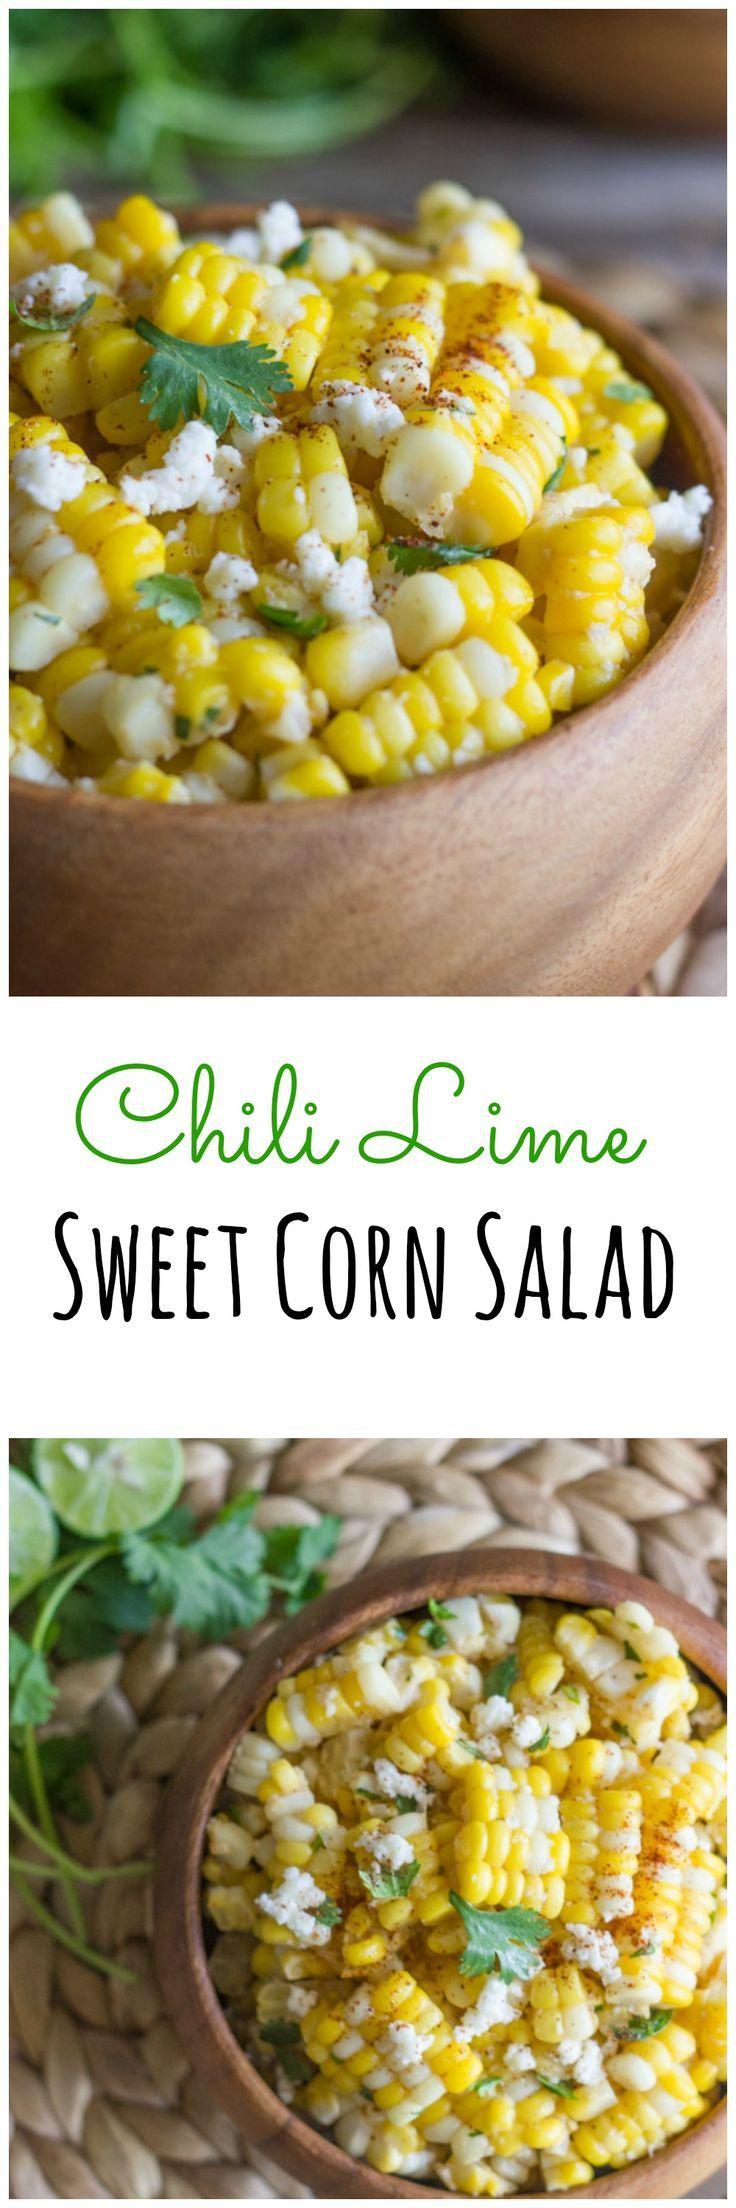 Chinese Chicken Salad Recipe | Ellie Krieger | Food Network